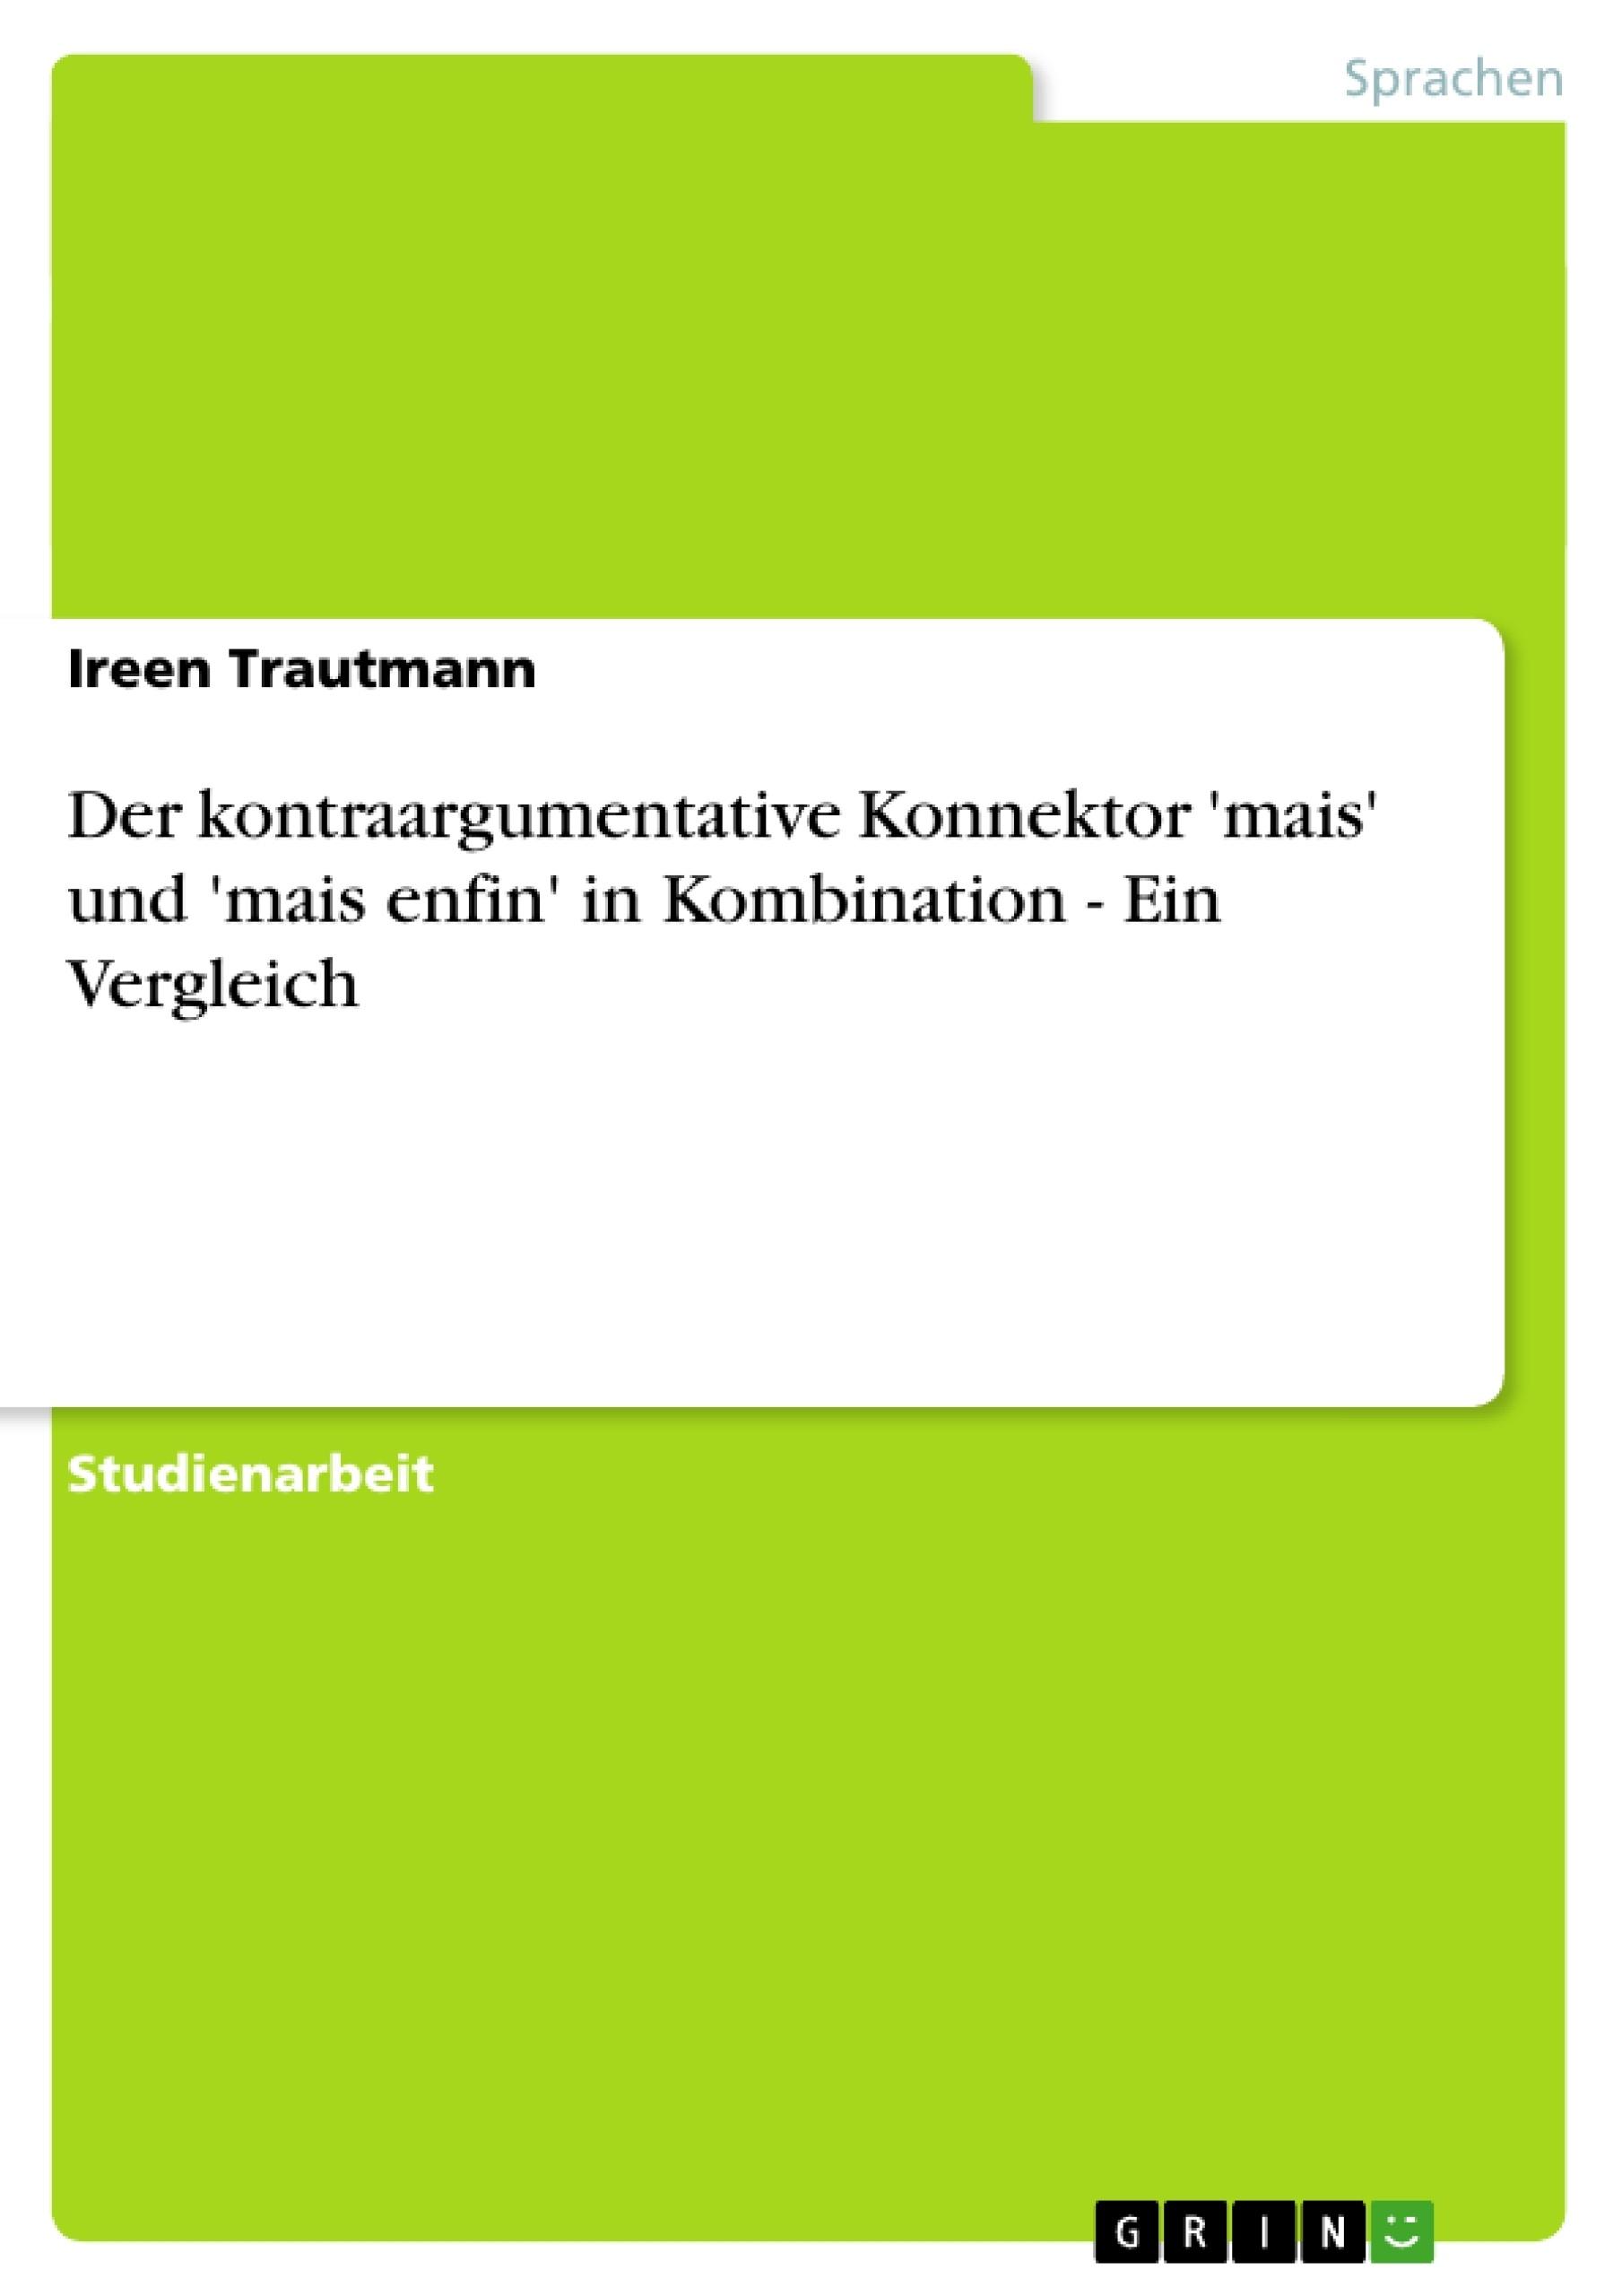 Titel: Der kontraargumentative Konnektor 'mais' und 'mais enfin' in Kombination - Ein Vergleich